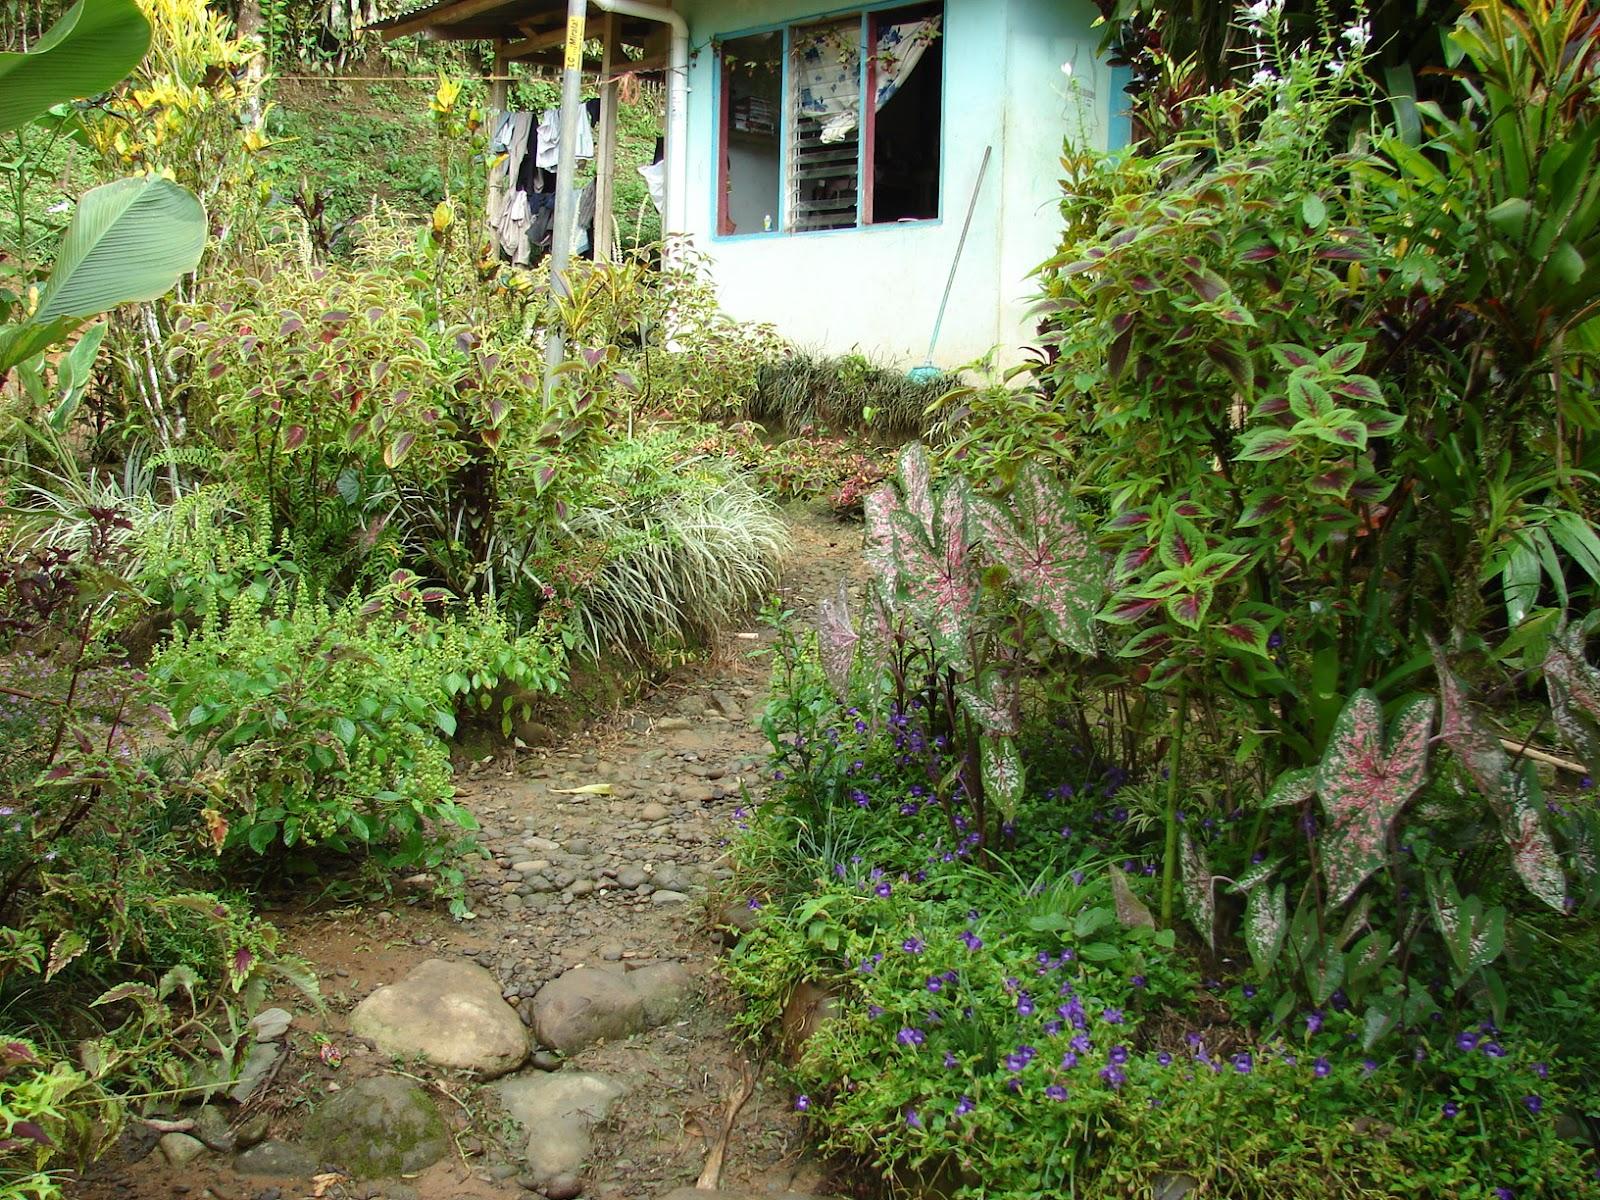 Paisajismo pueblos y jardines julio 2012 - Pequenos jardines con encanto ...